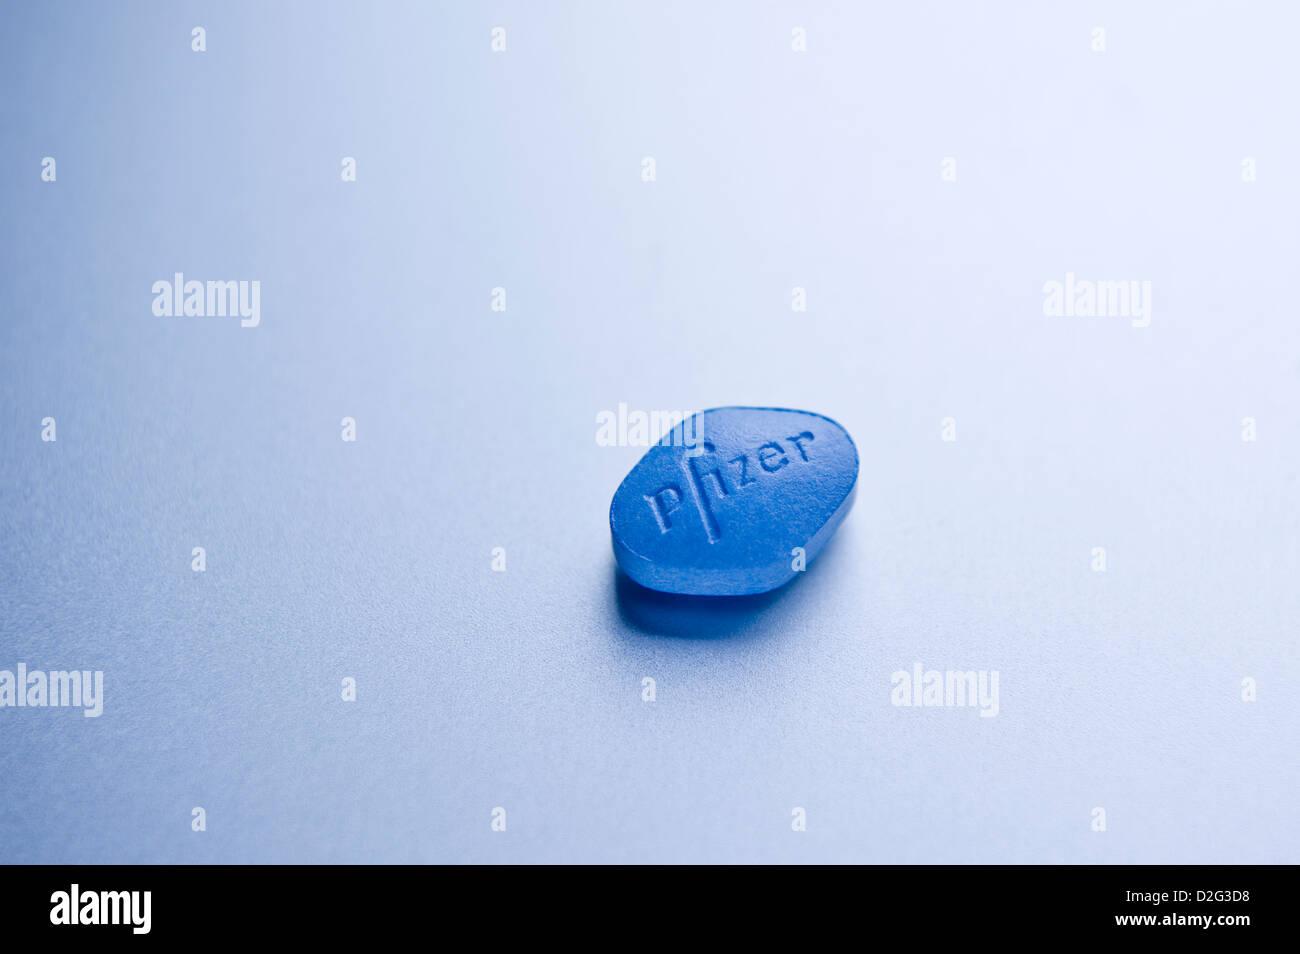 Nahaufnahme Detail von einer 100mg Sildenafil Citrat Pfizer Viagra Pille auf silbernem Hintergrund Stockbild